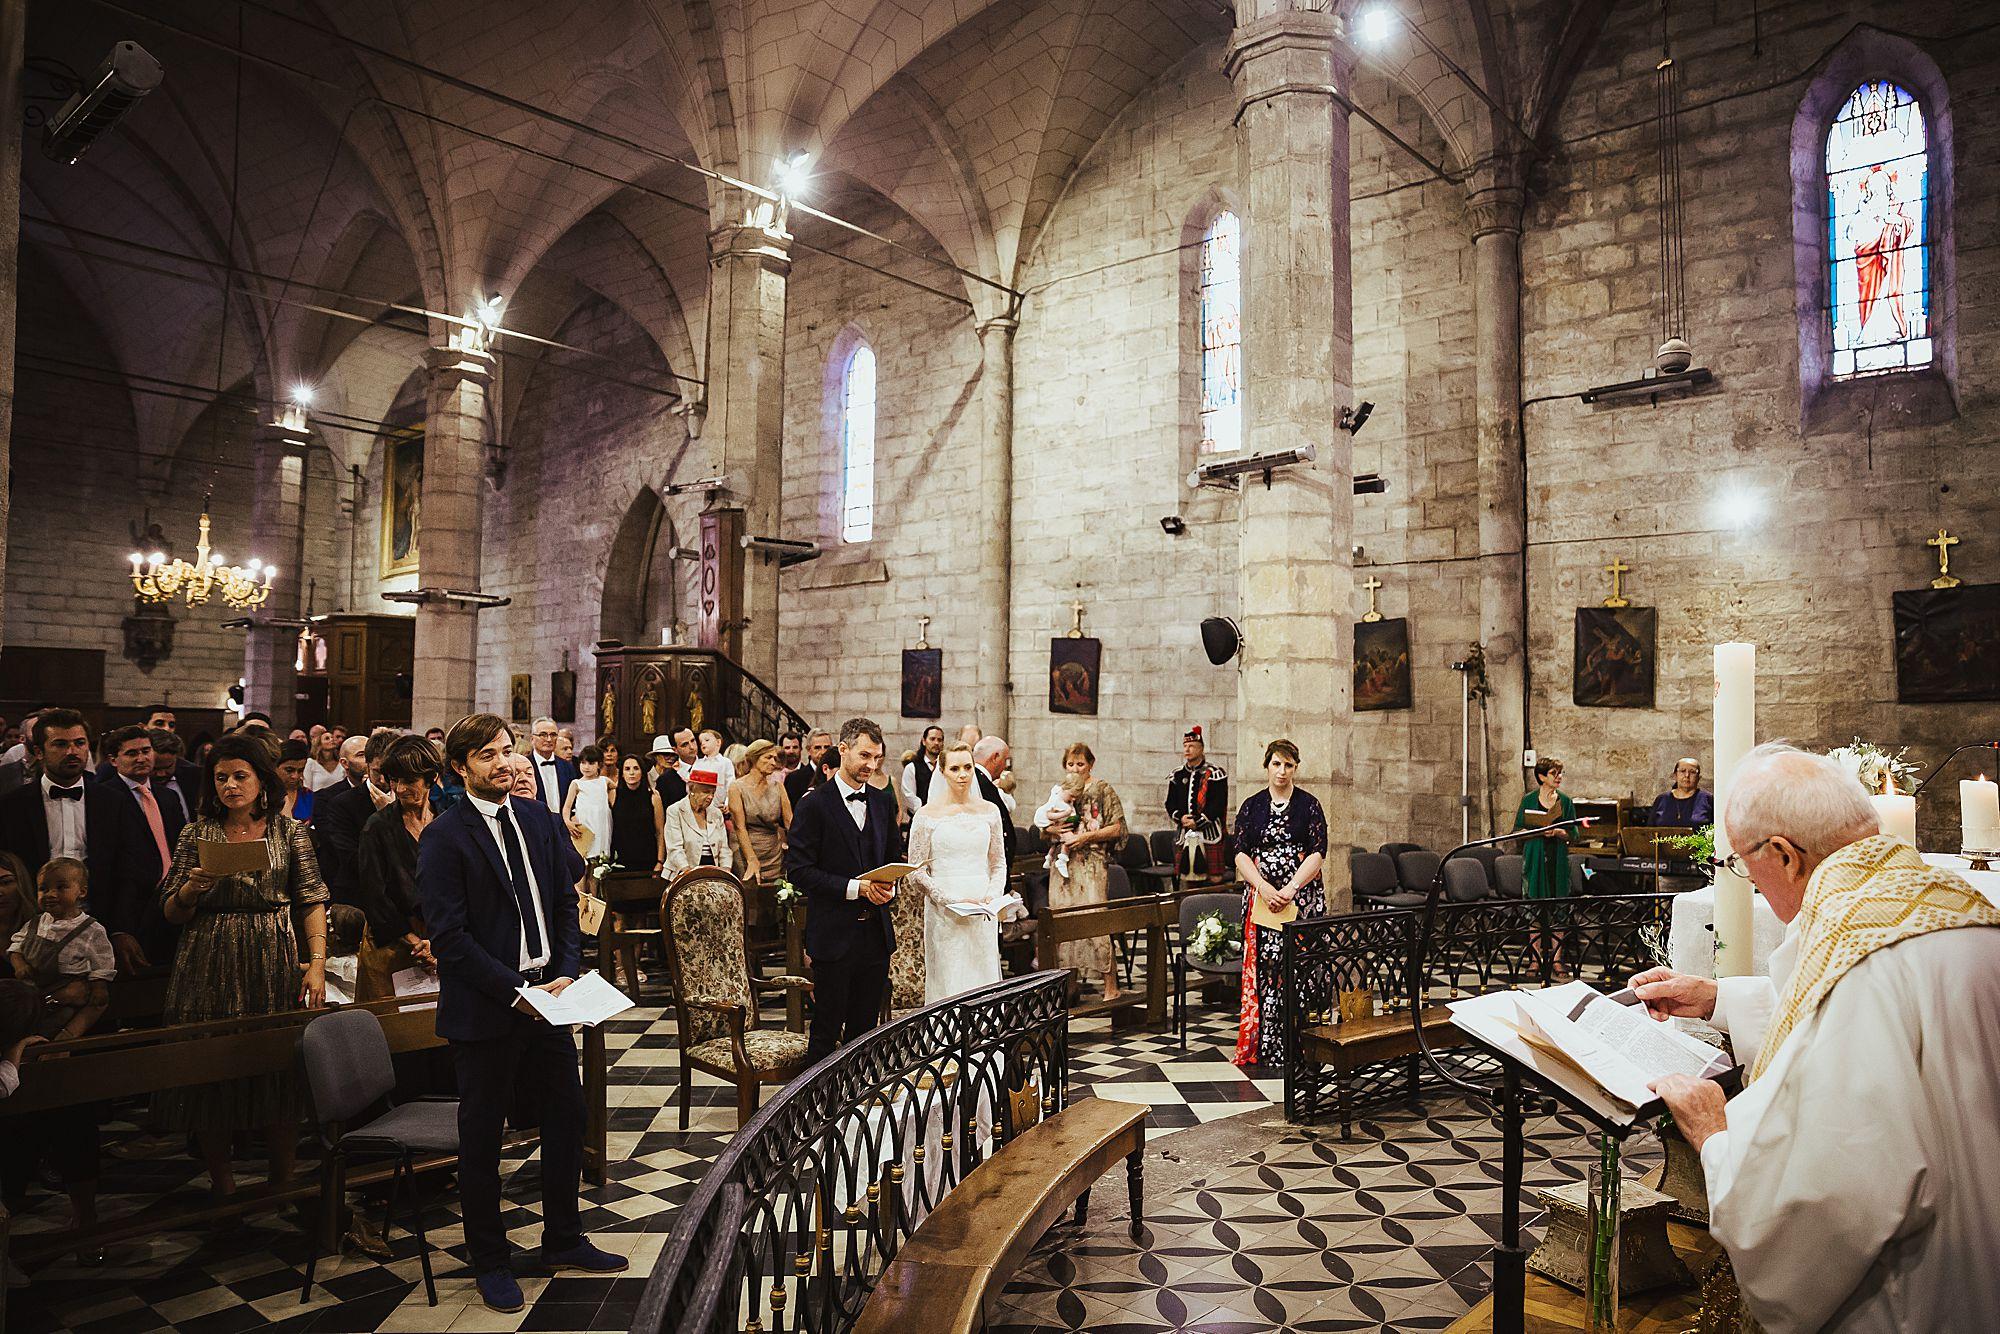 l'église de St Cyr et Sainte Juliette, Plan de l'Église, Pomérols, Languedoc-Roussillon